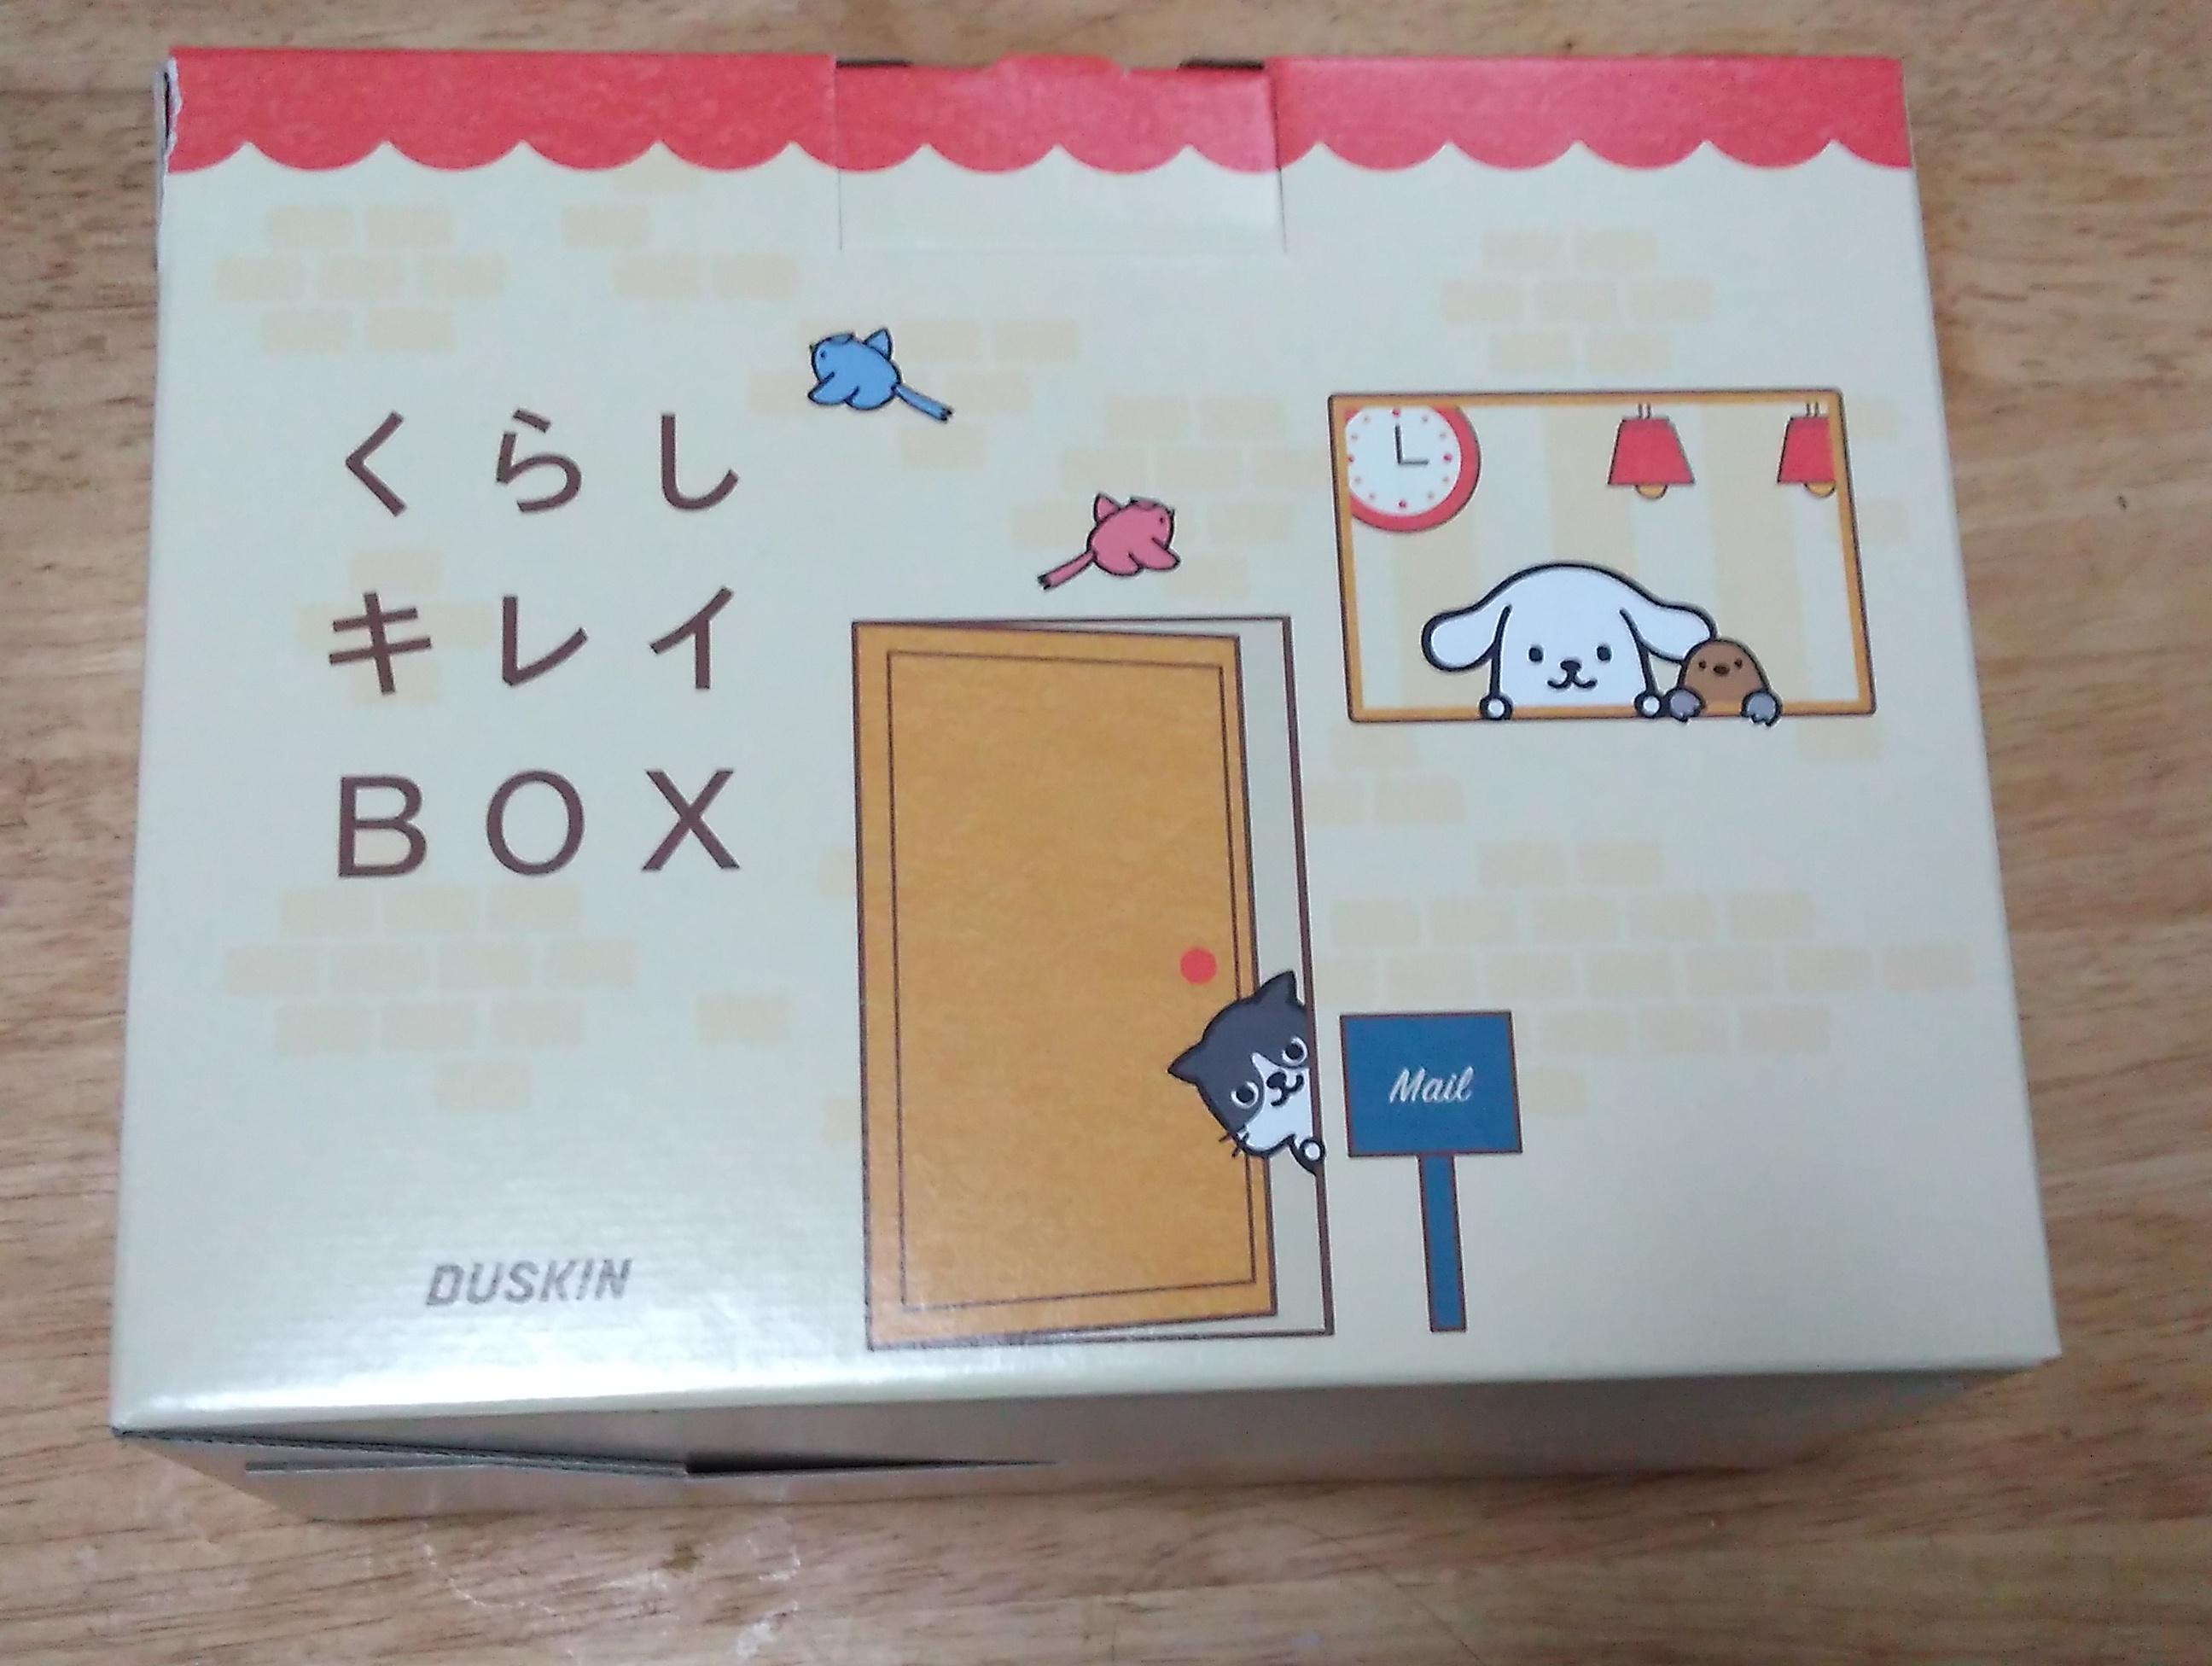 ダスキン  くらしキレイBOX